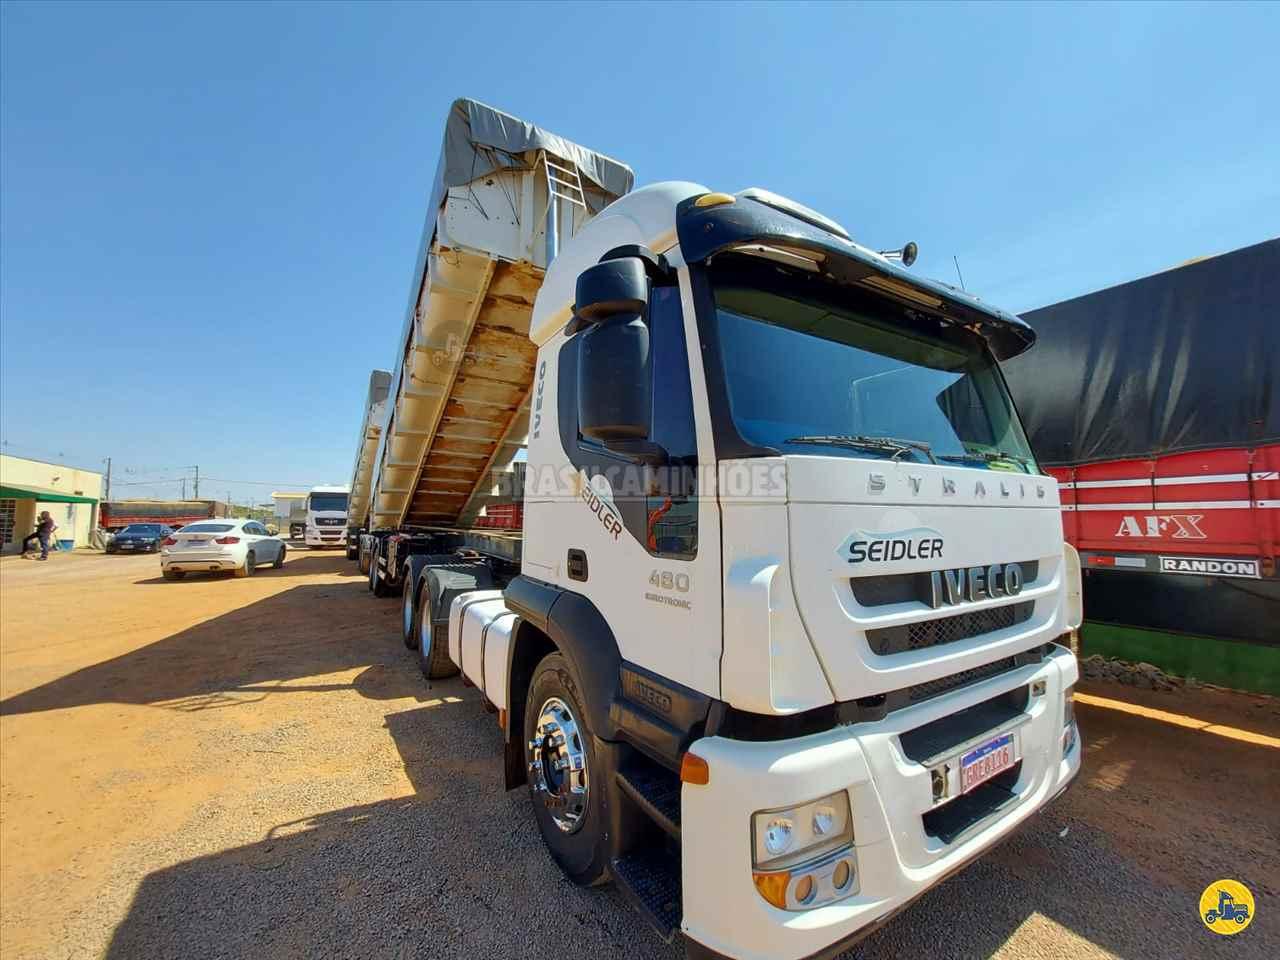 CAMINHAO IVECO STRALIS 480 Caçamba Basculante Traçado 6x4 Brasil Caminhões Sinop SINOP MATO GROSSO MT